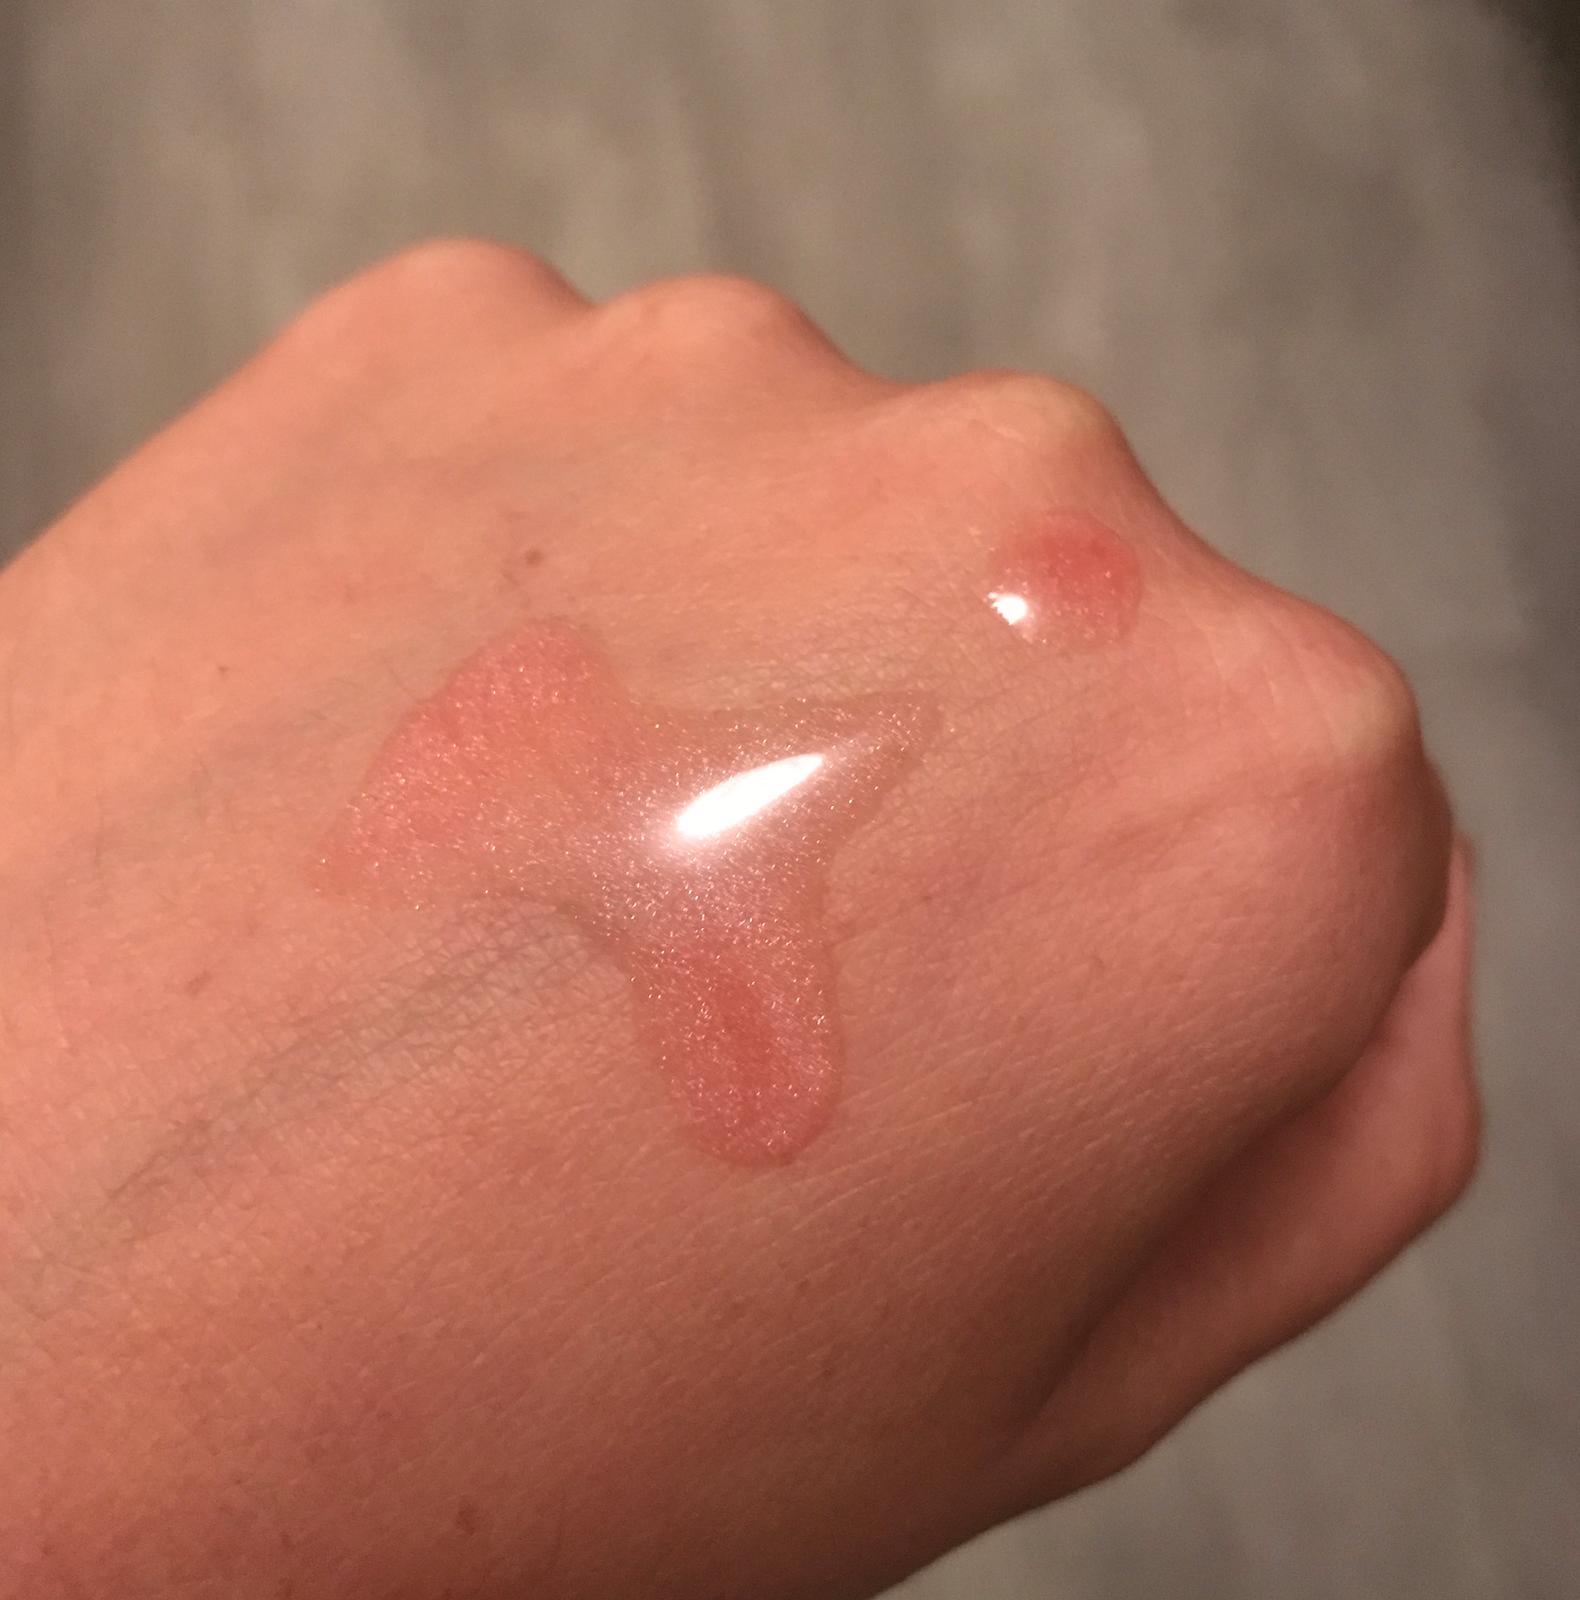 L'huile sur la peau (légèrement rosée)